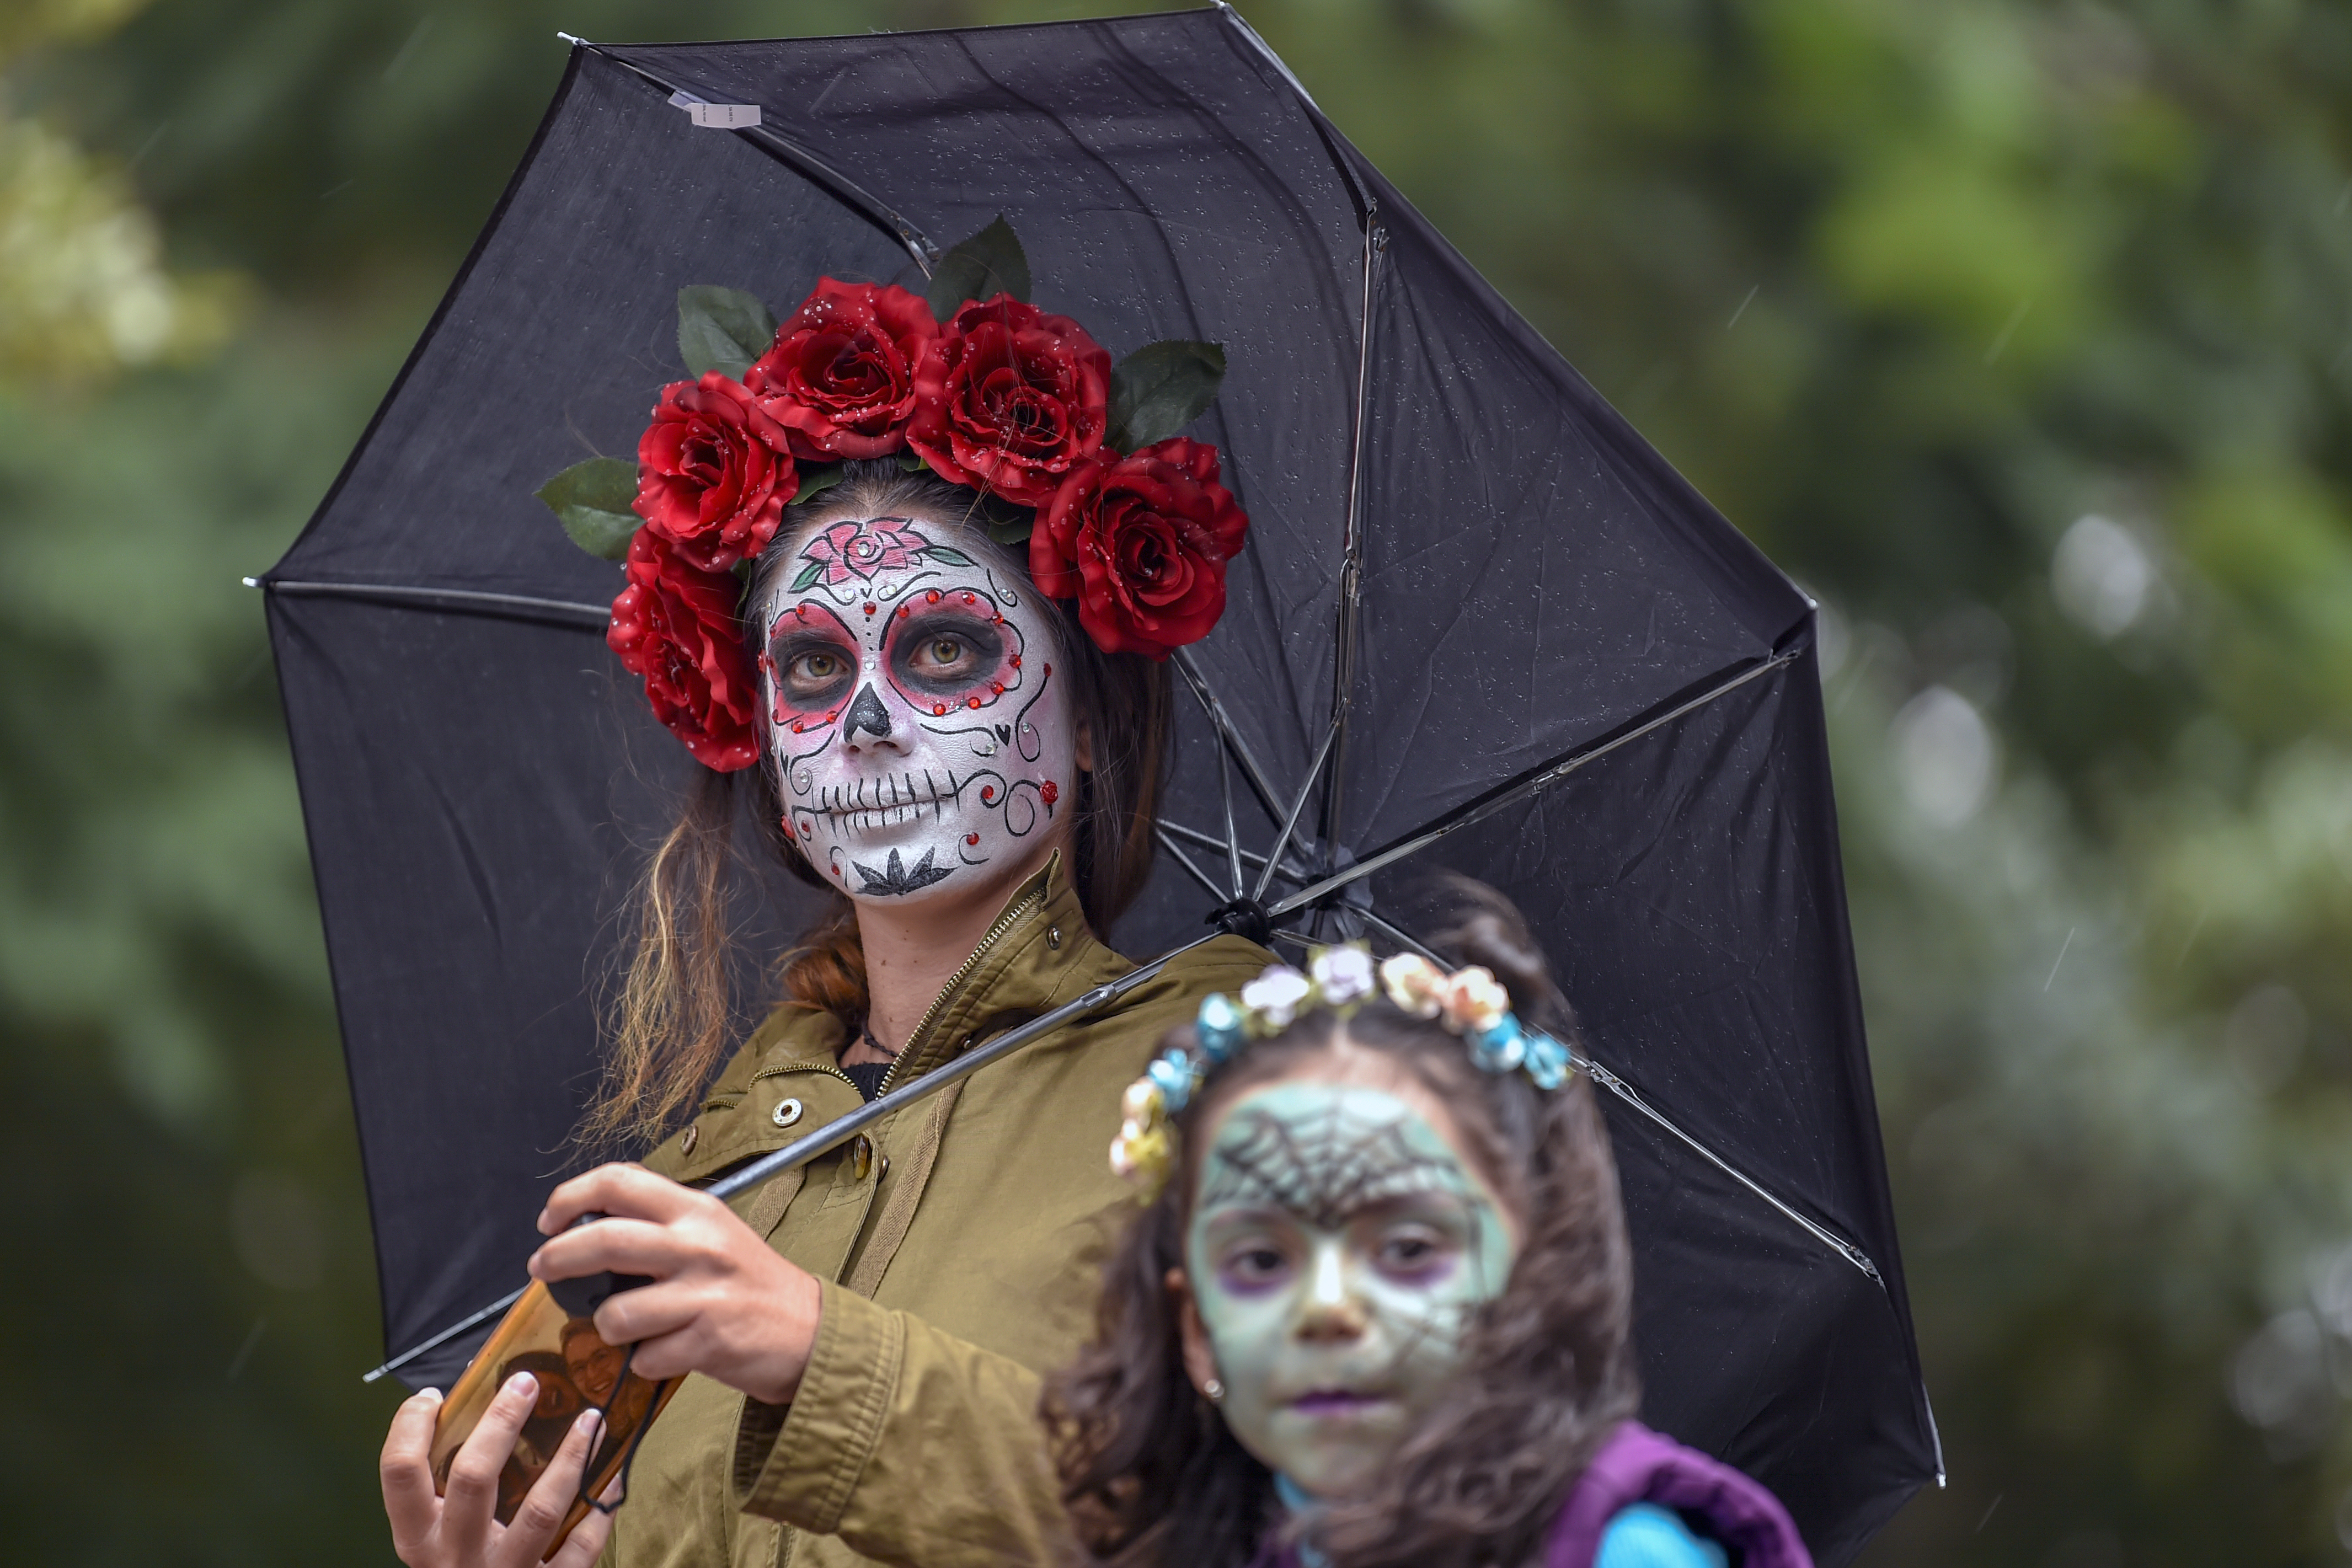 Una mujer y una niña caracterizadas como catrinas (Foto: Pedro Pardo/AFP)